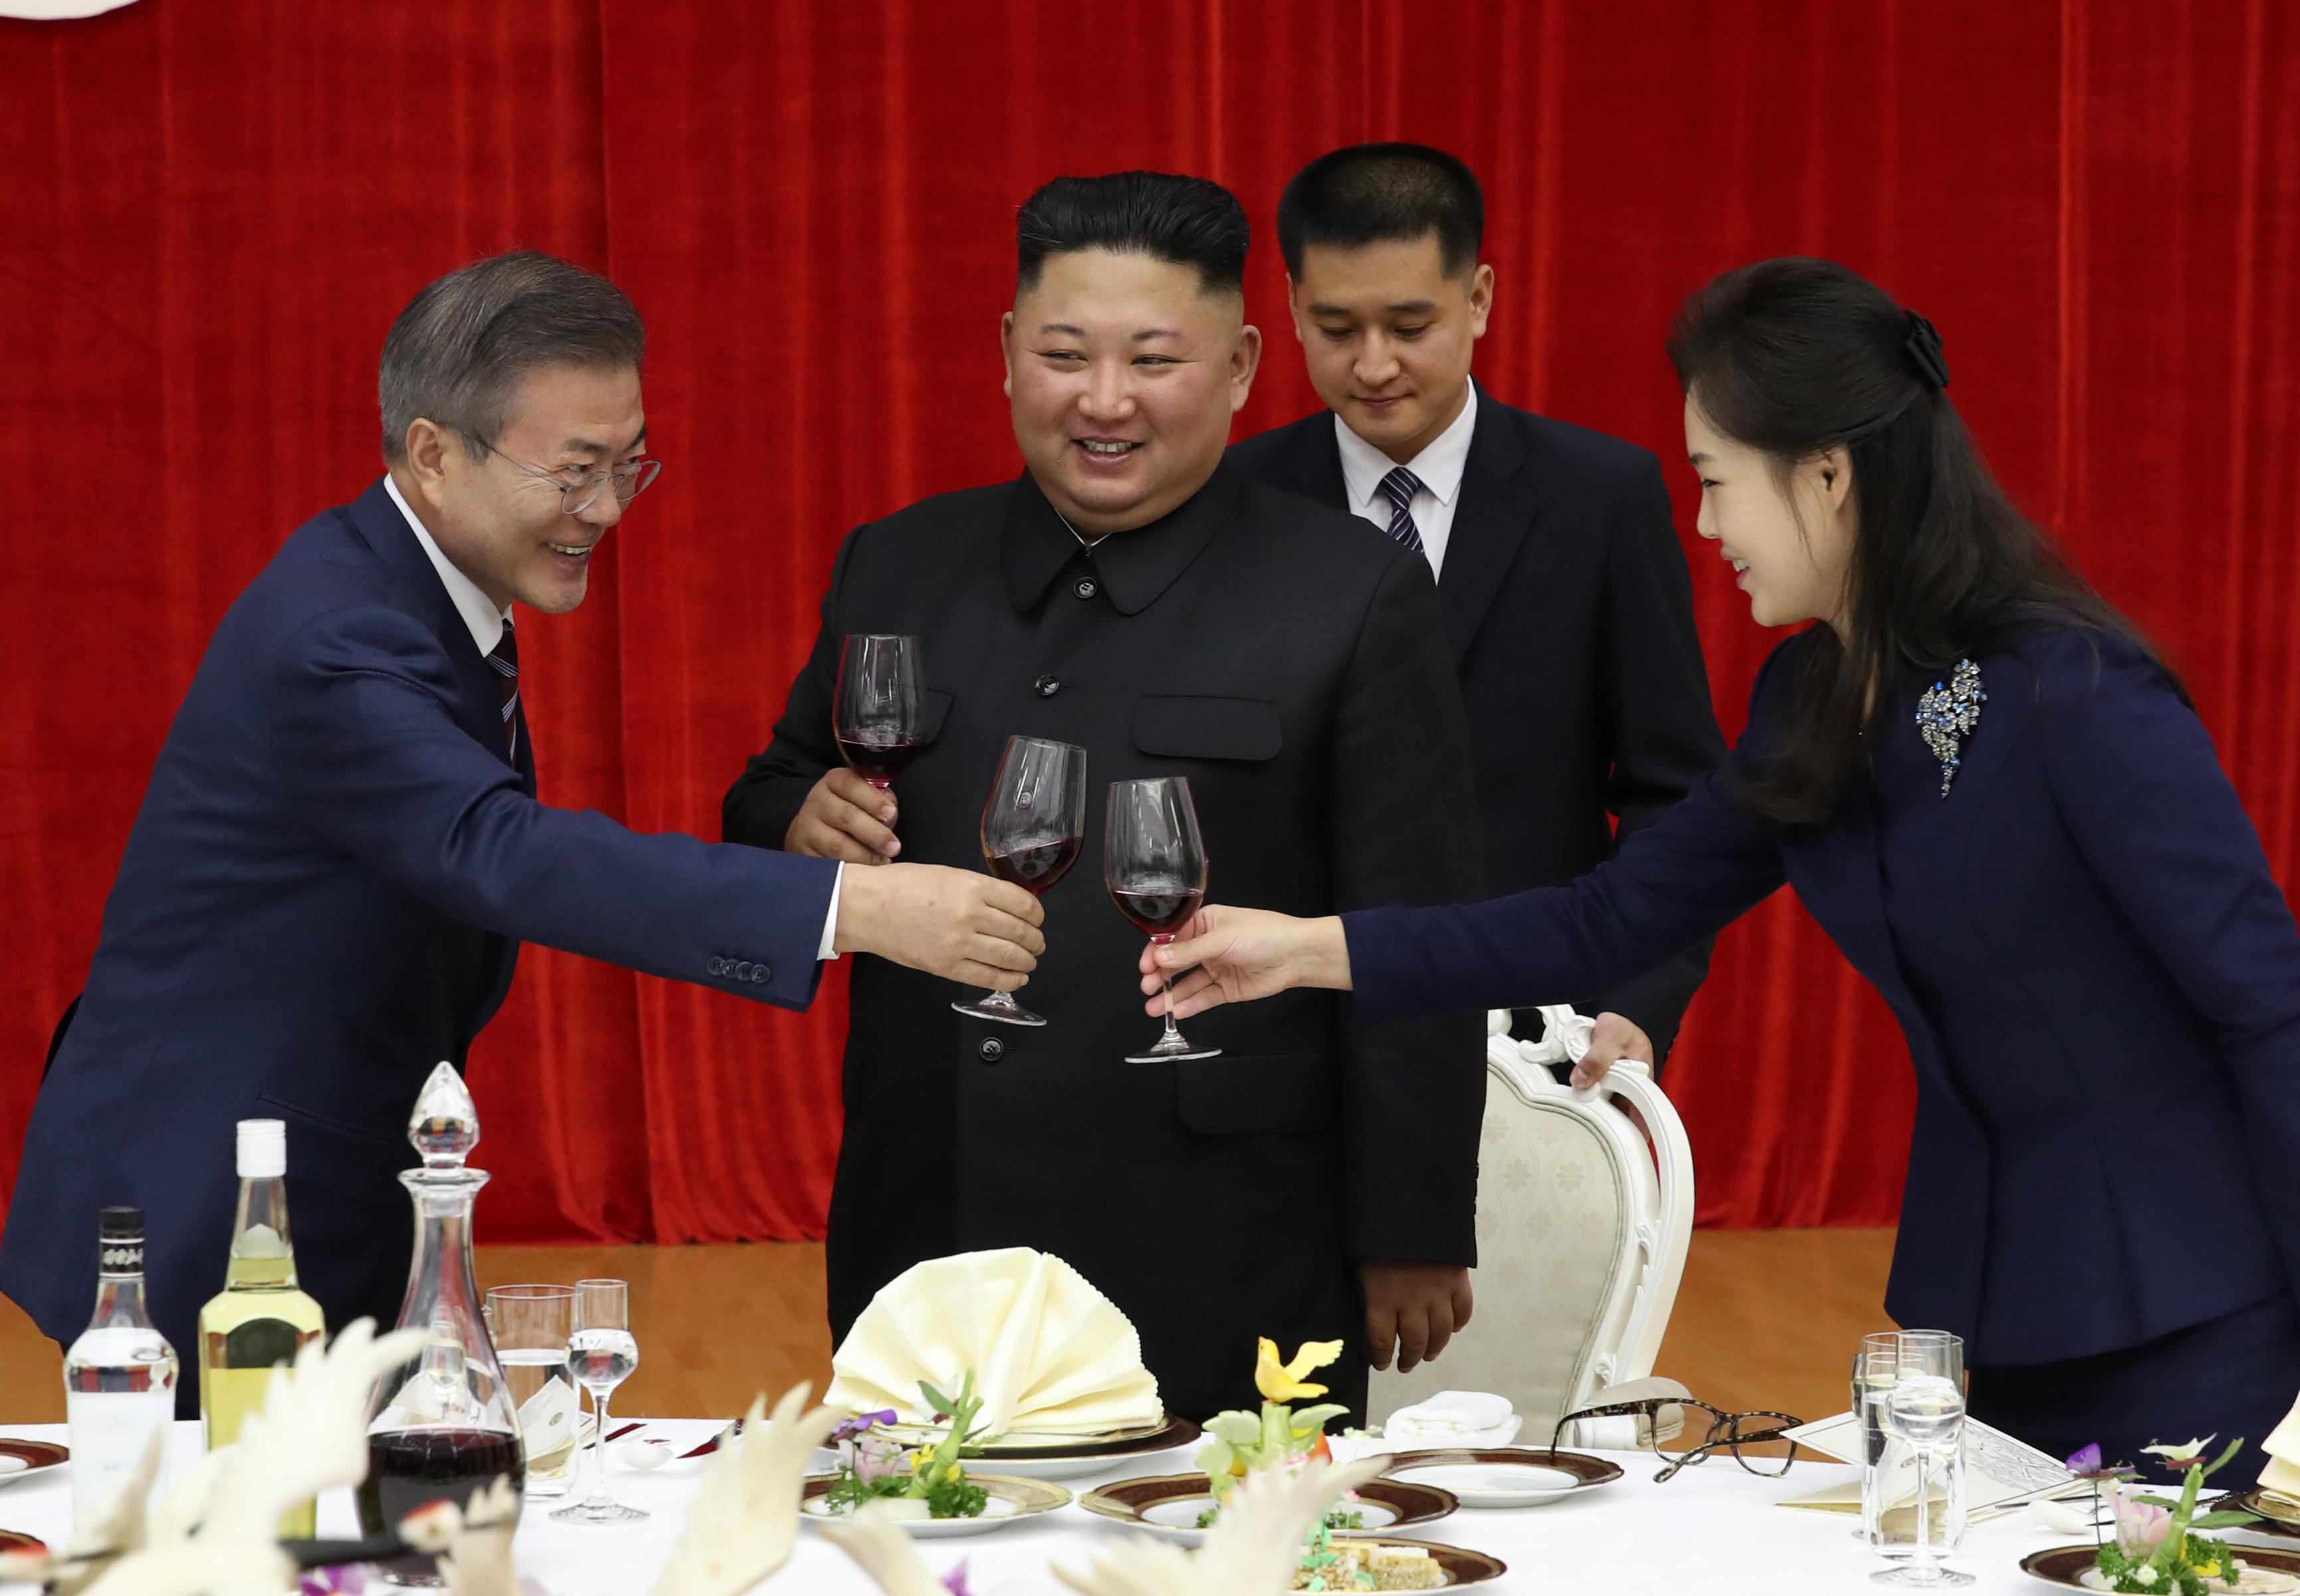 '김정은 서울 방문'에 드립이 쏟아지고